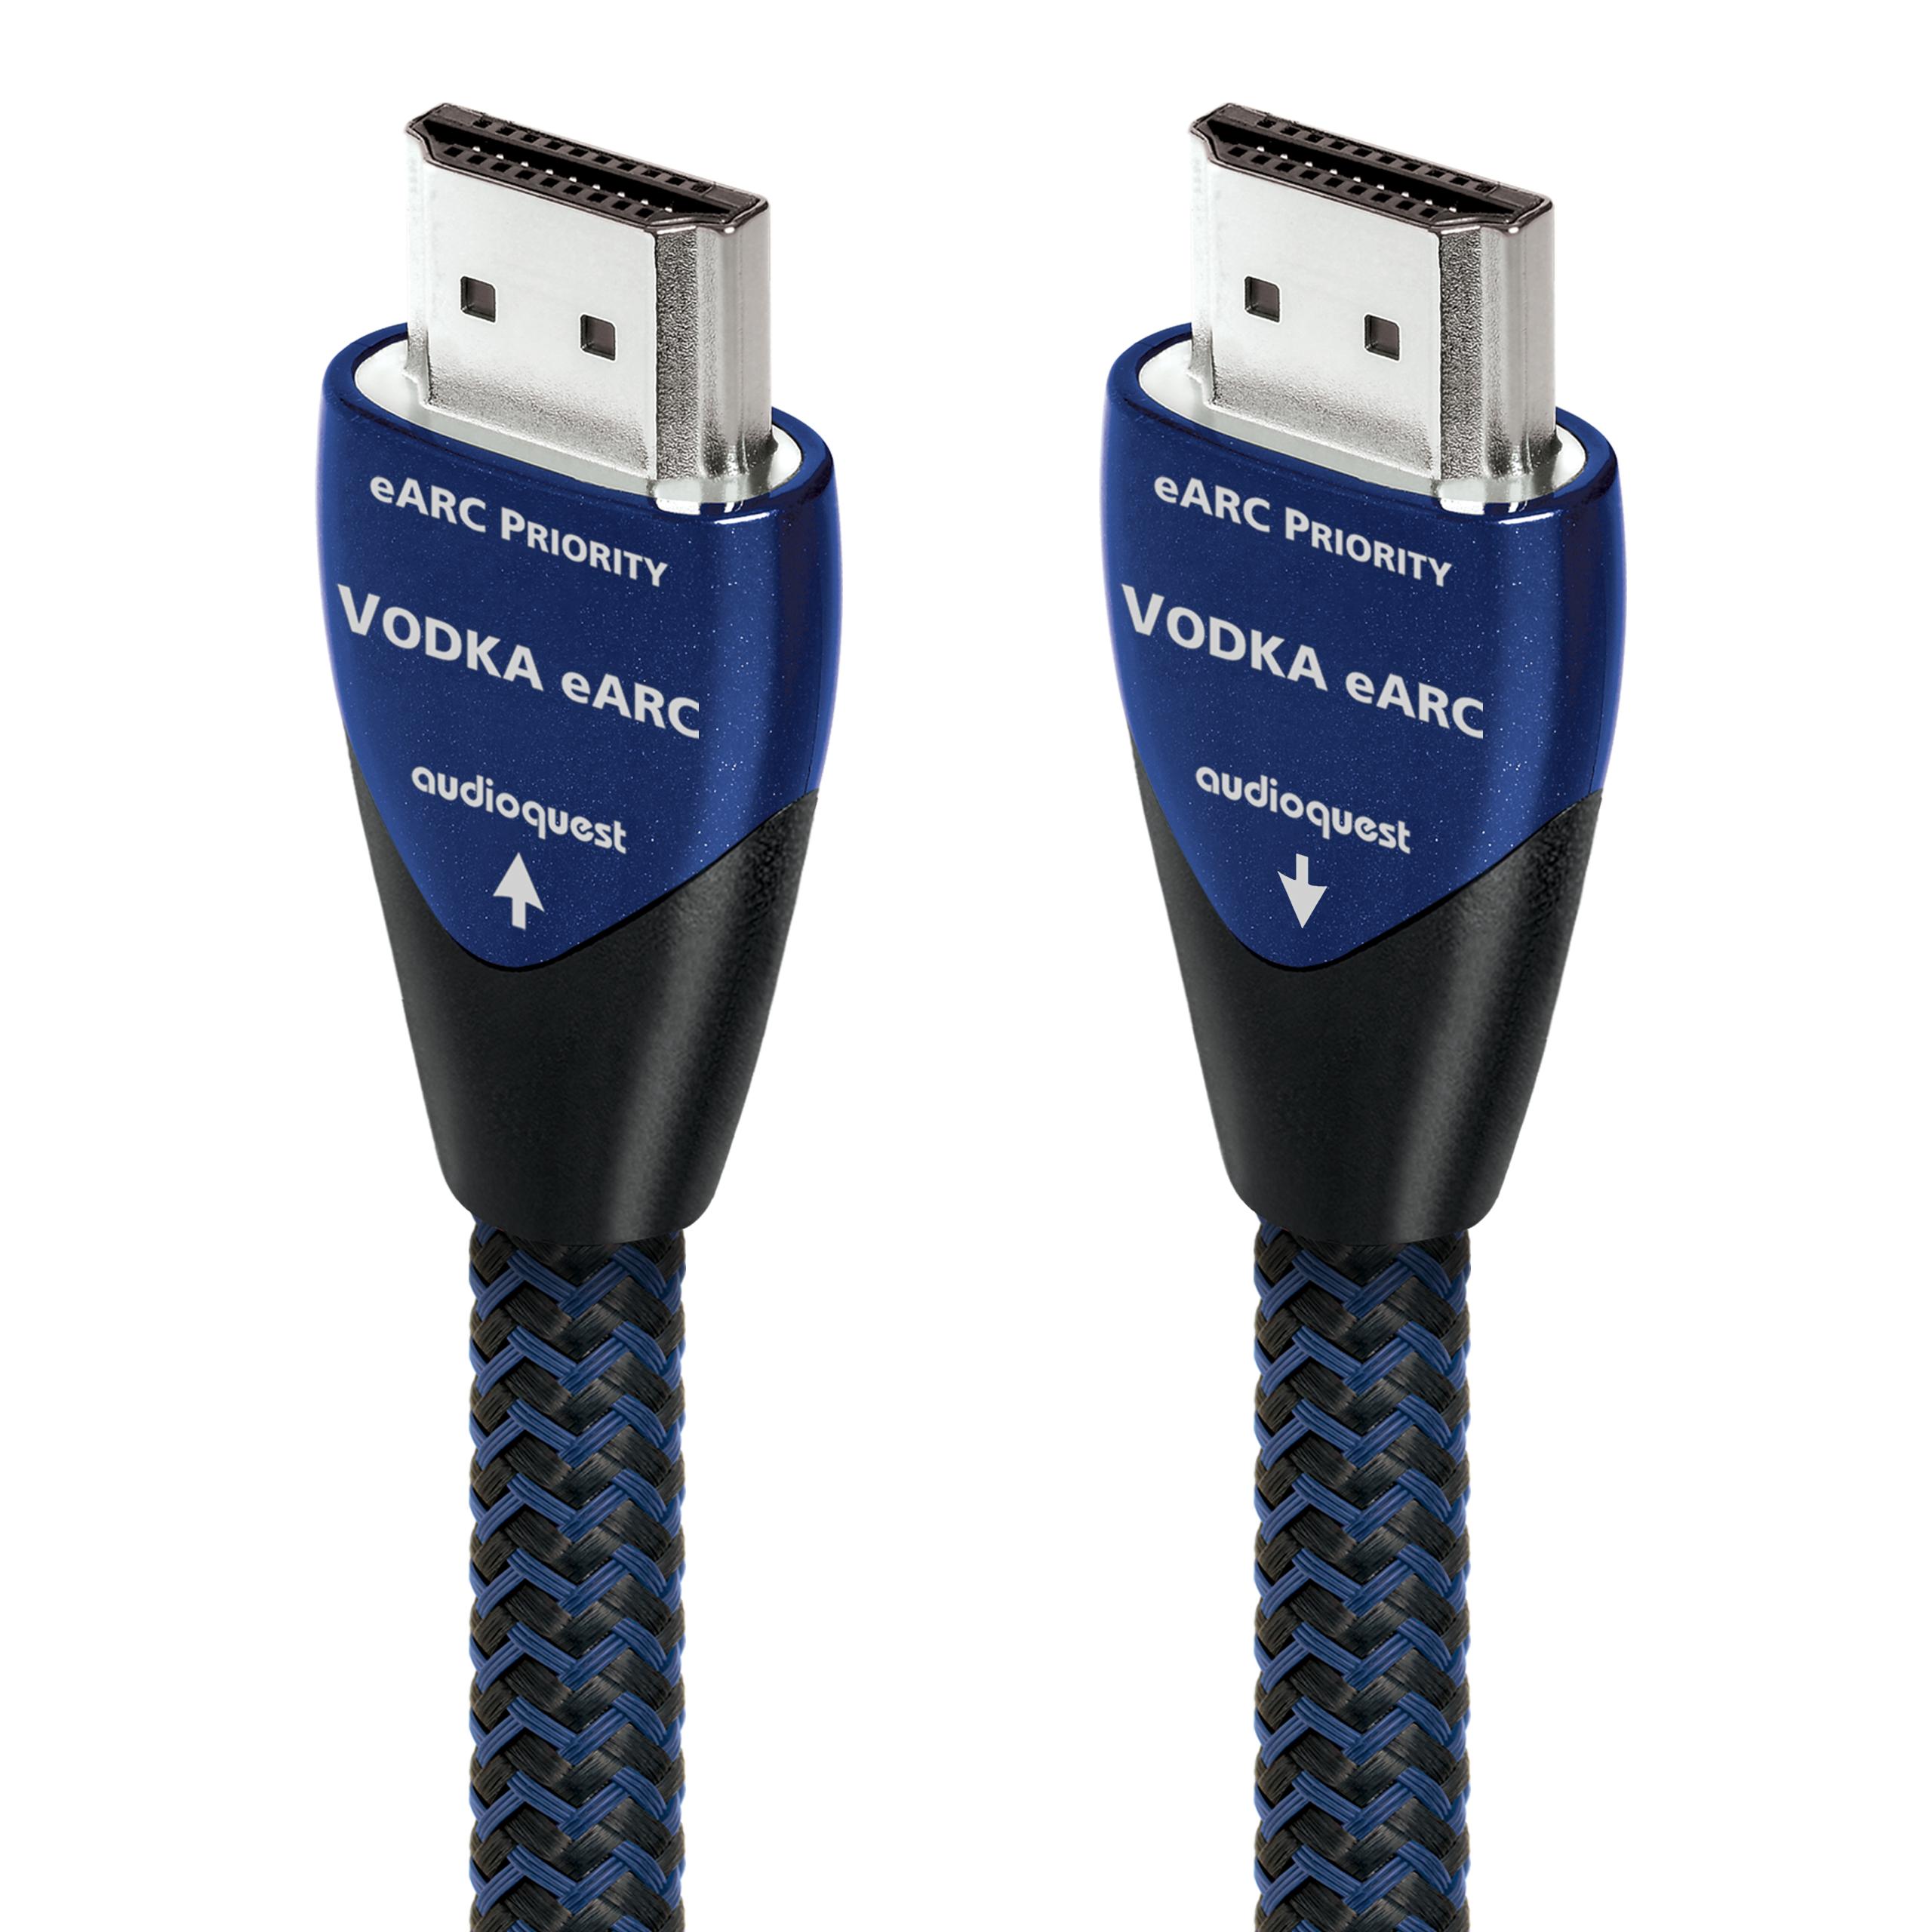 Audioquest 2m Vodka HDMI Cable E-ARC